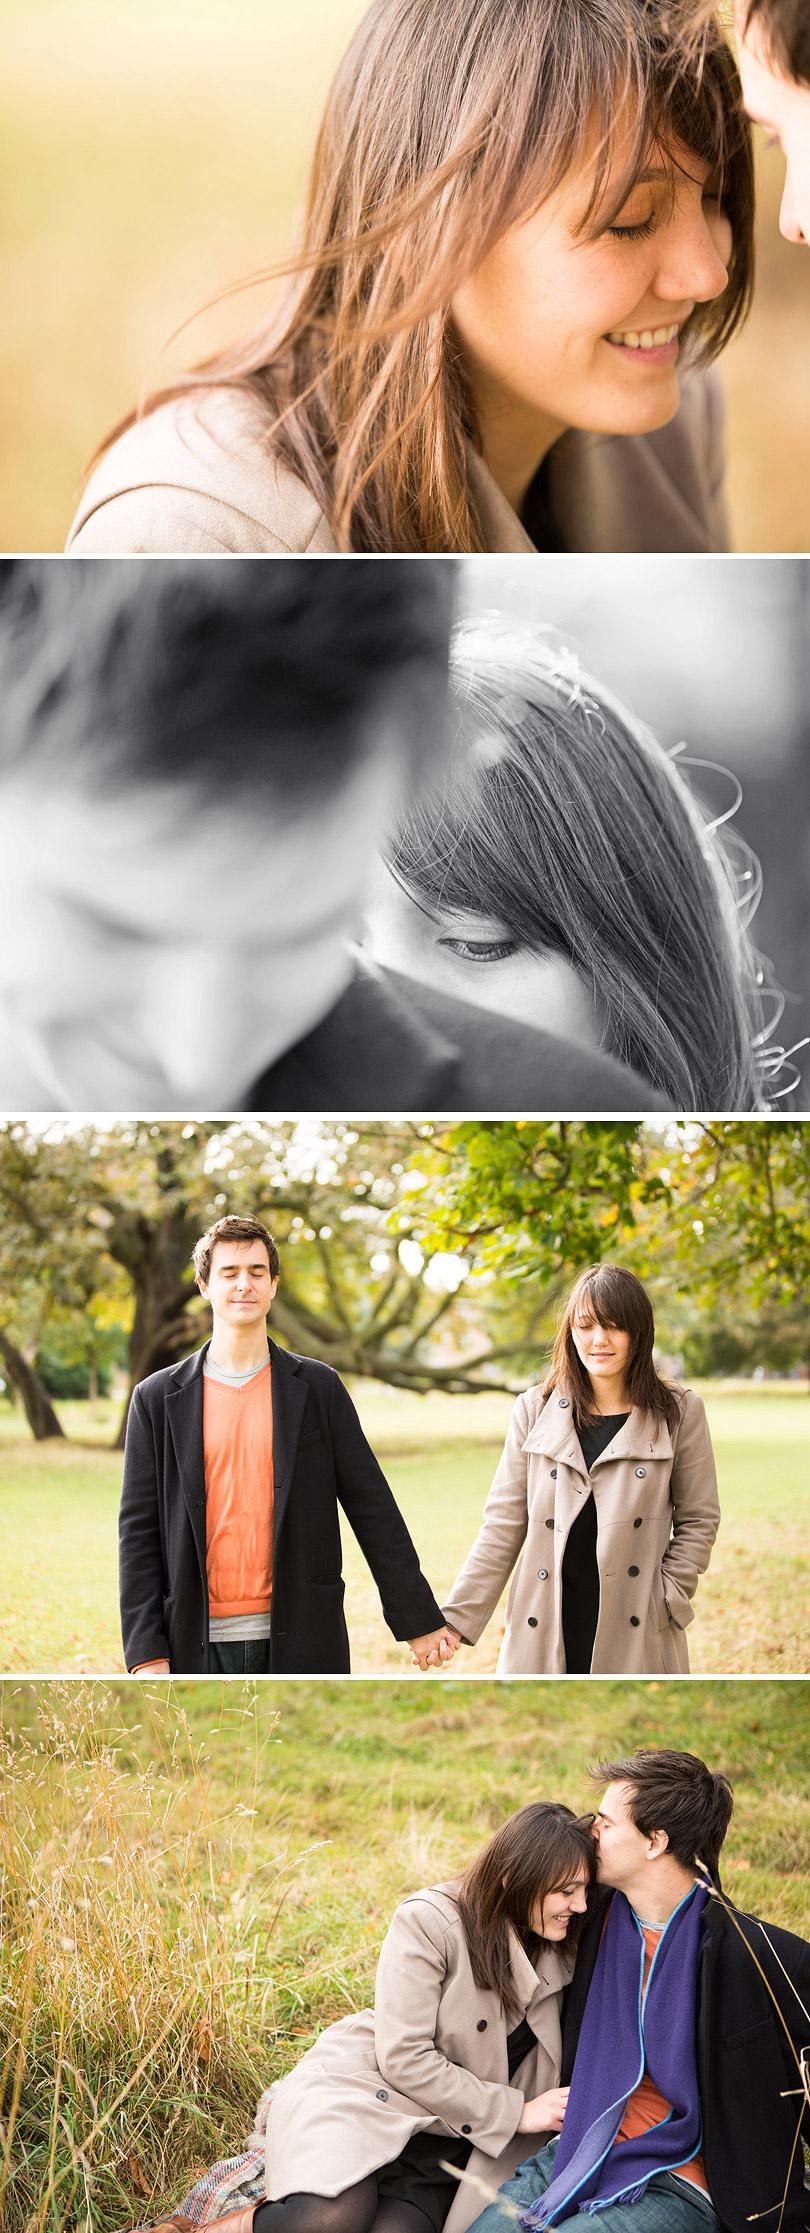 Vicky&Lewis-Beloved-3.jpg